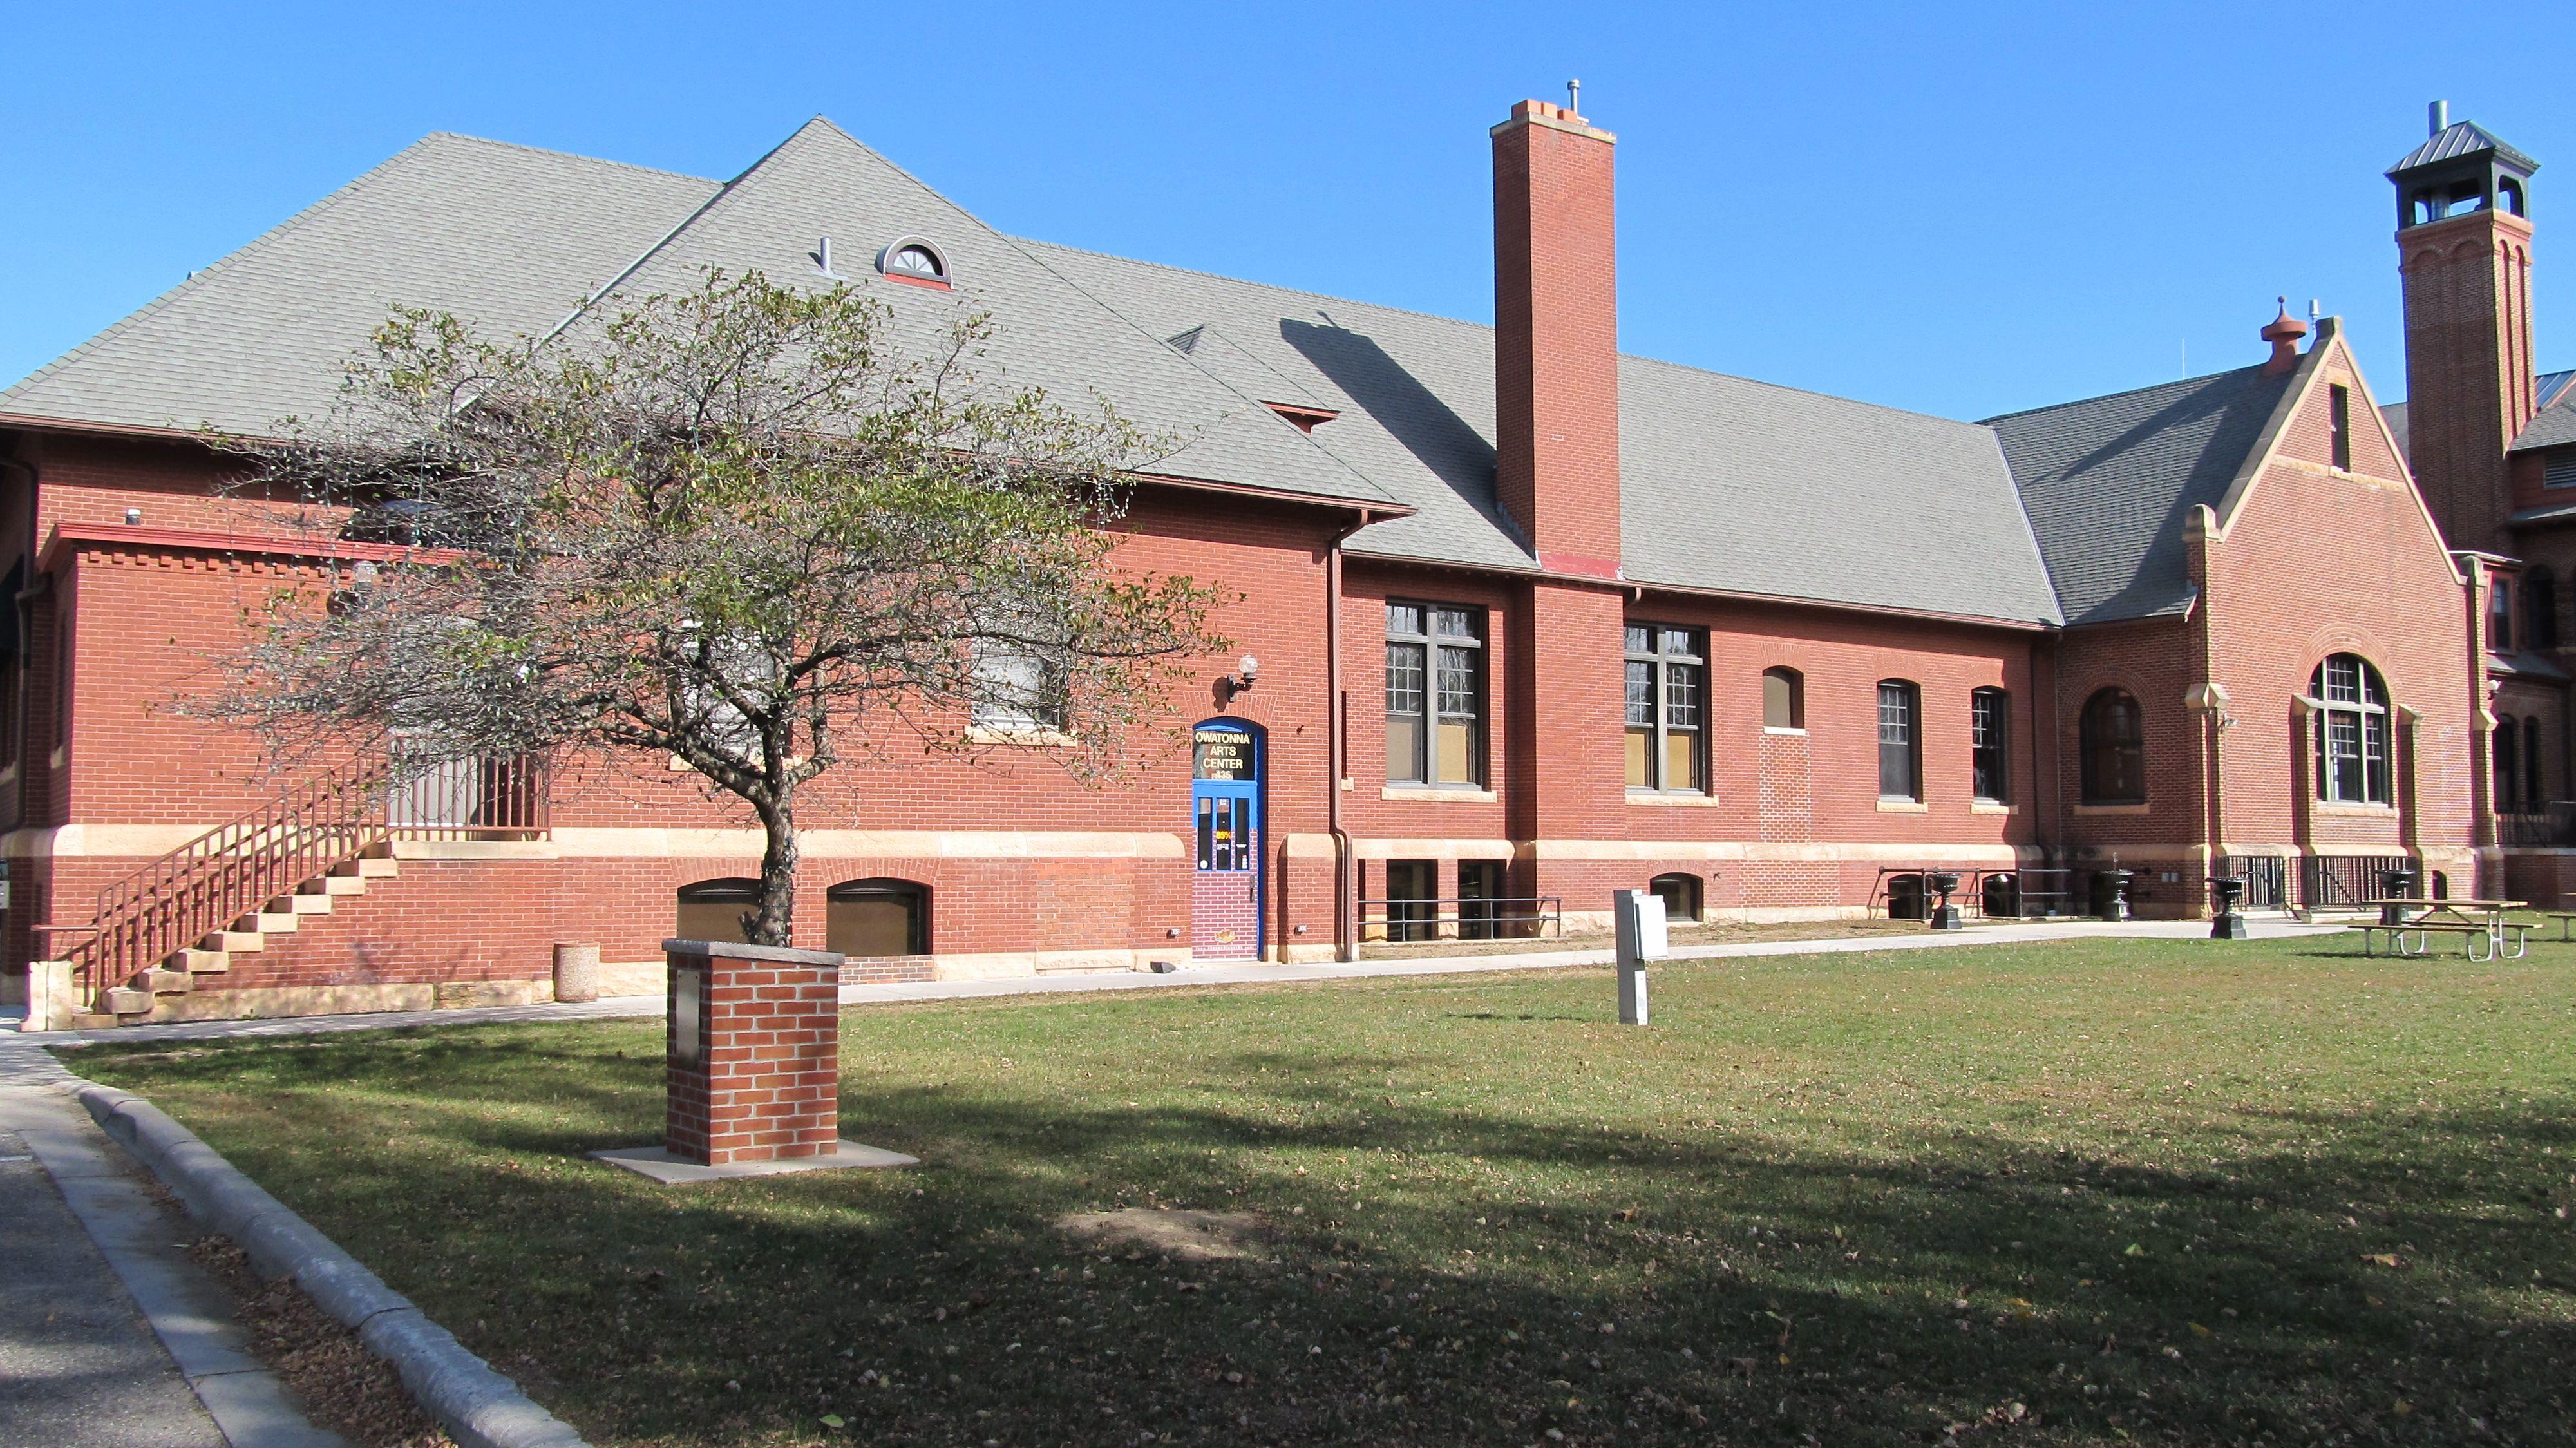 Owatonna Art Center Owatonna House Styles Mansions